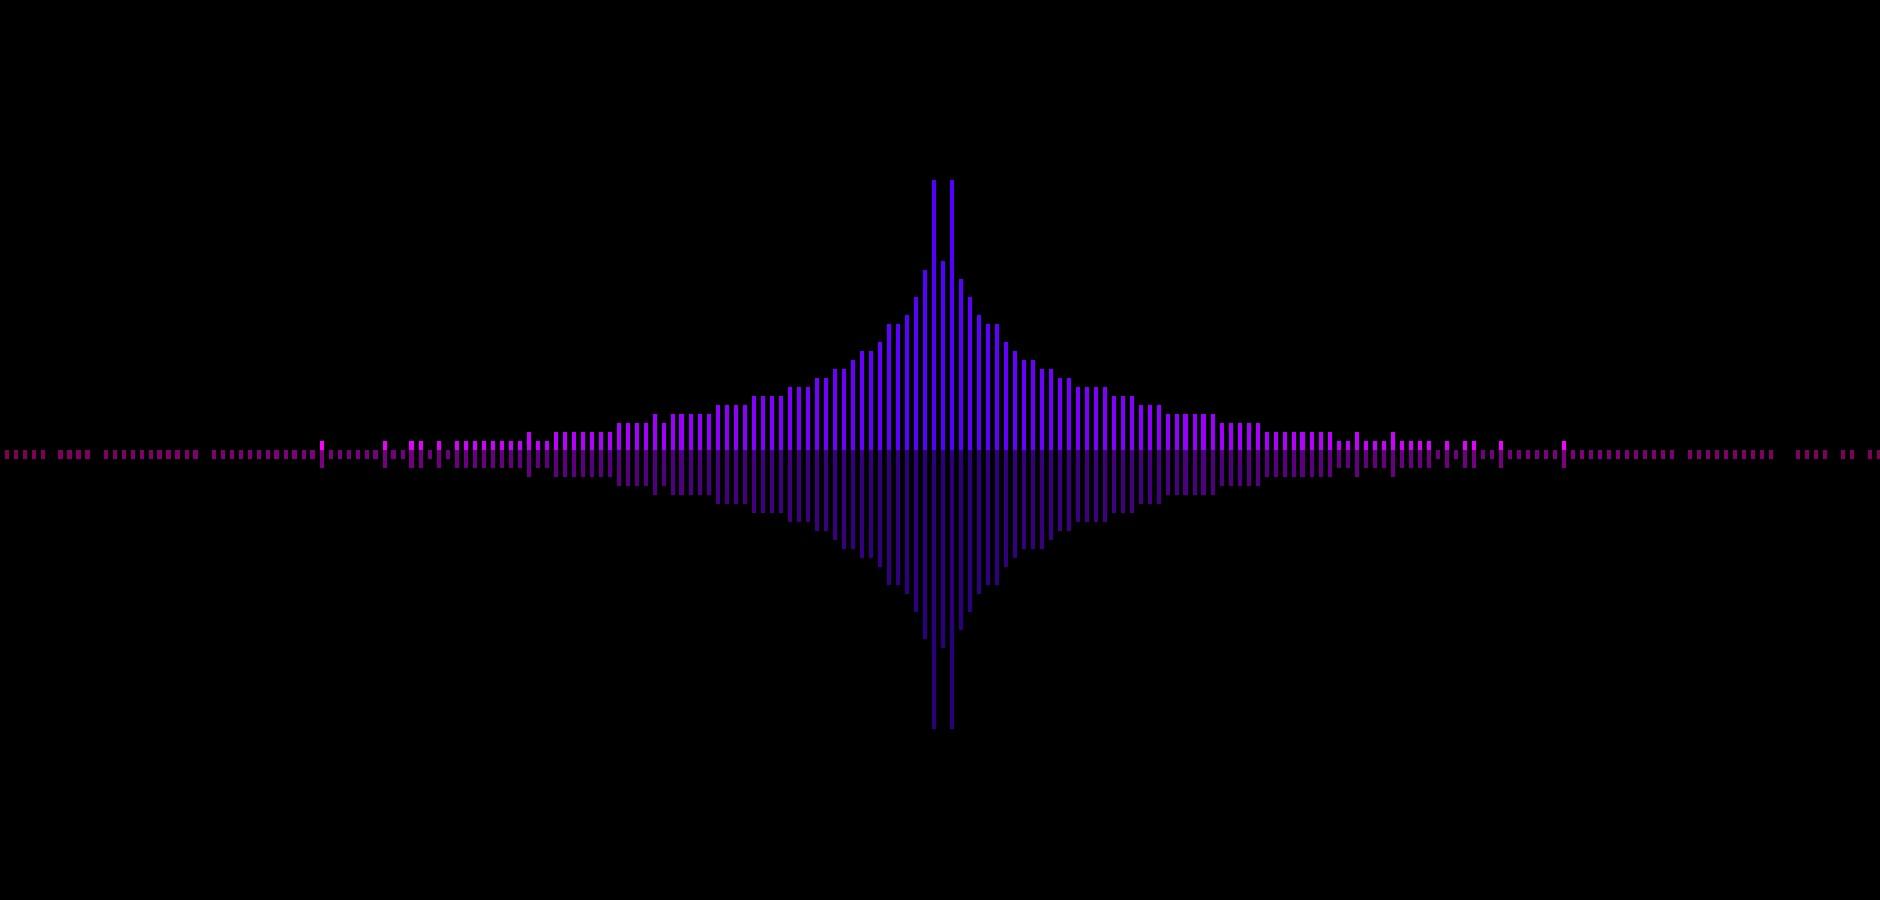 GitHub - MikuMikuShaders/Spectrum: Audio visualization